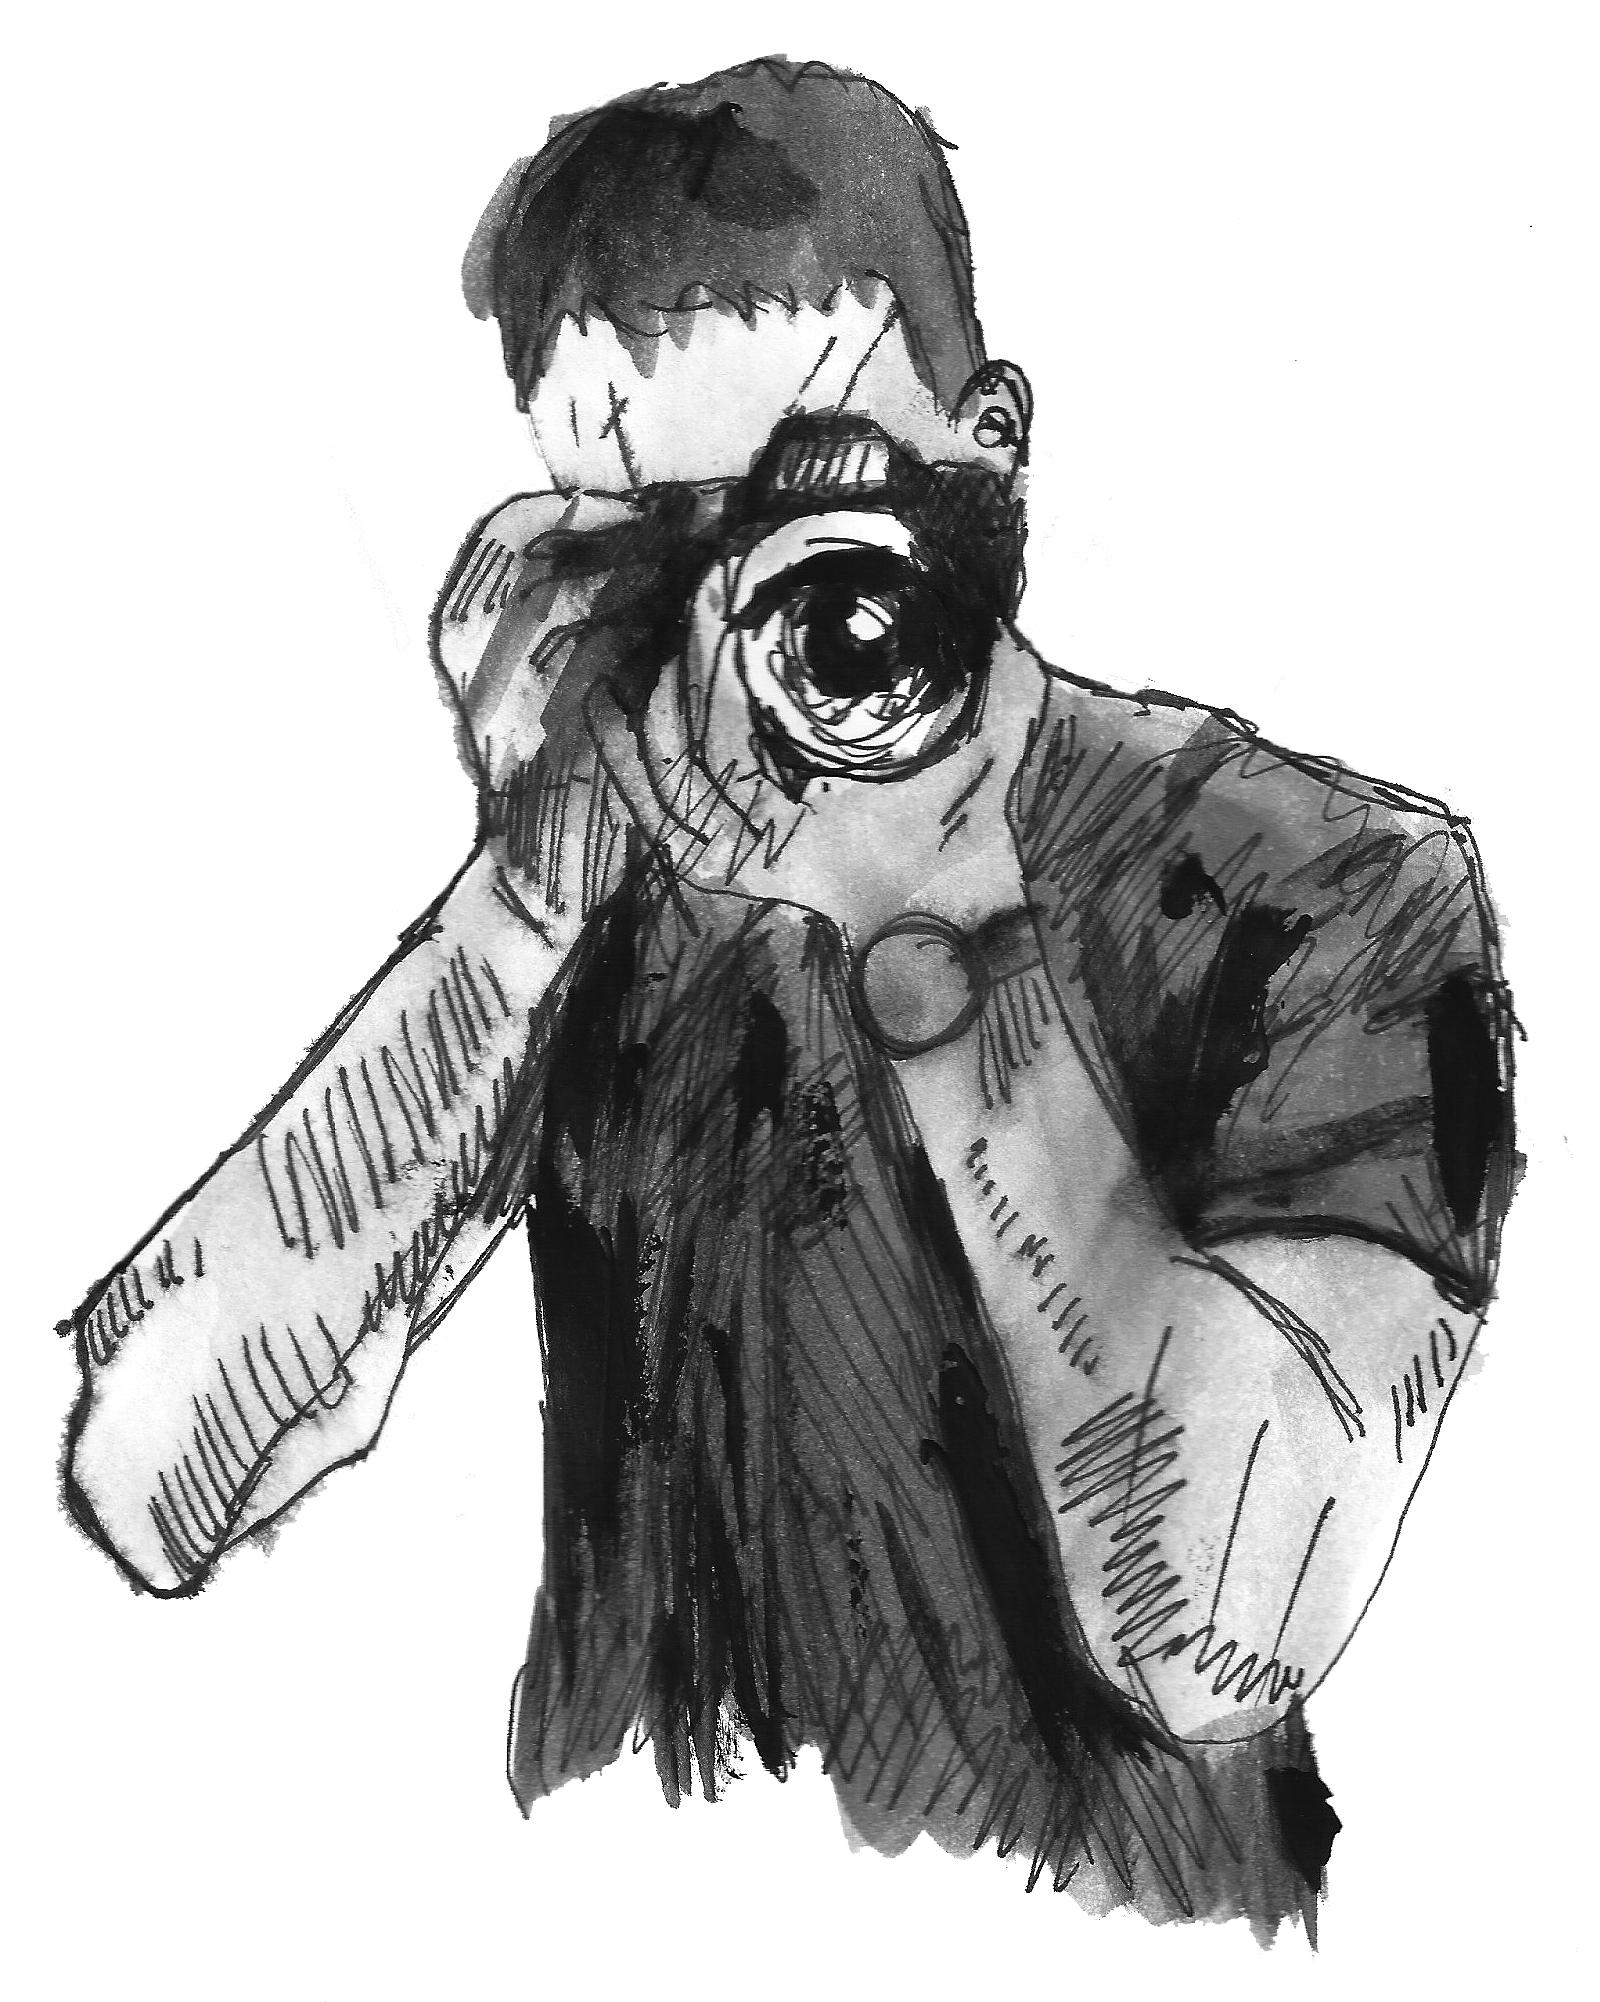 USETHISONE-HQ-Sketch_Portrait.png